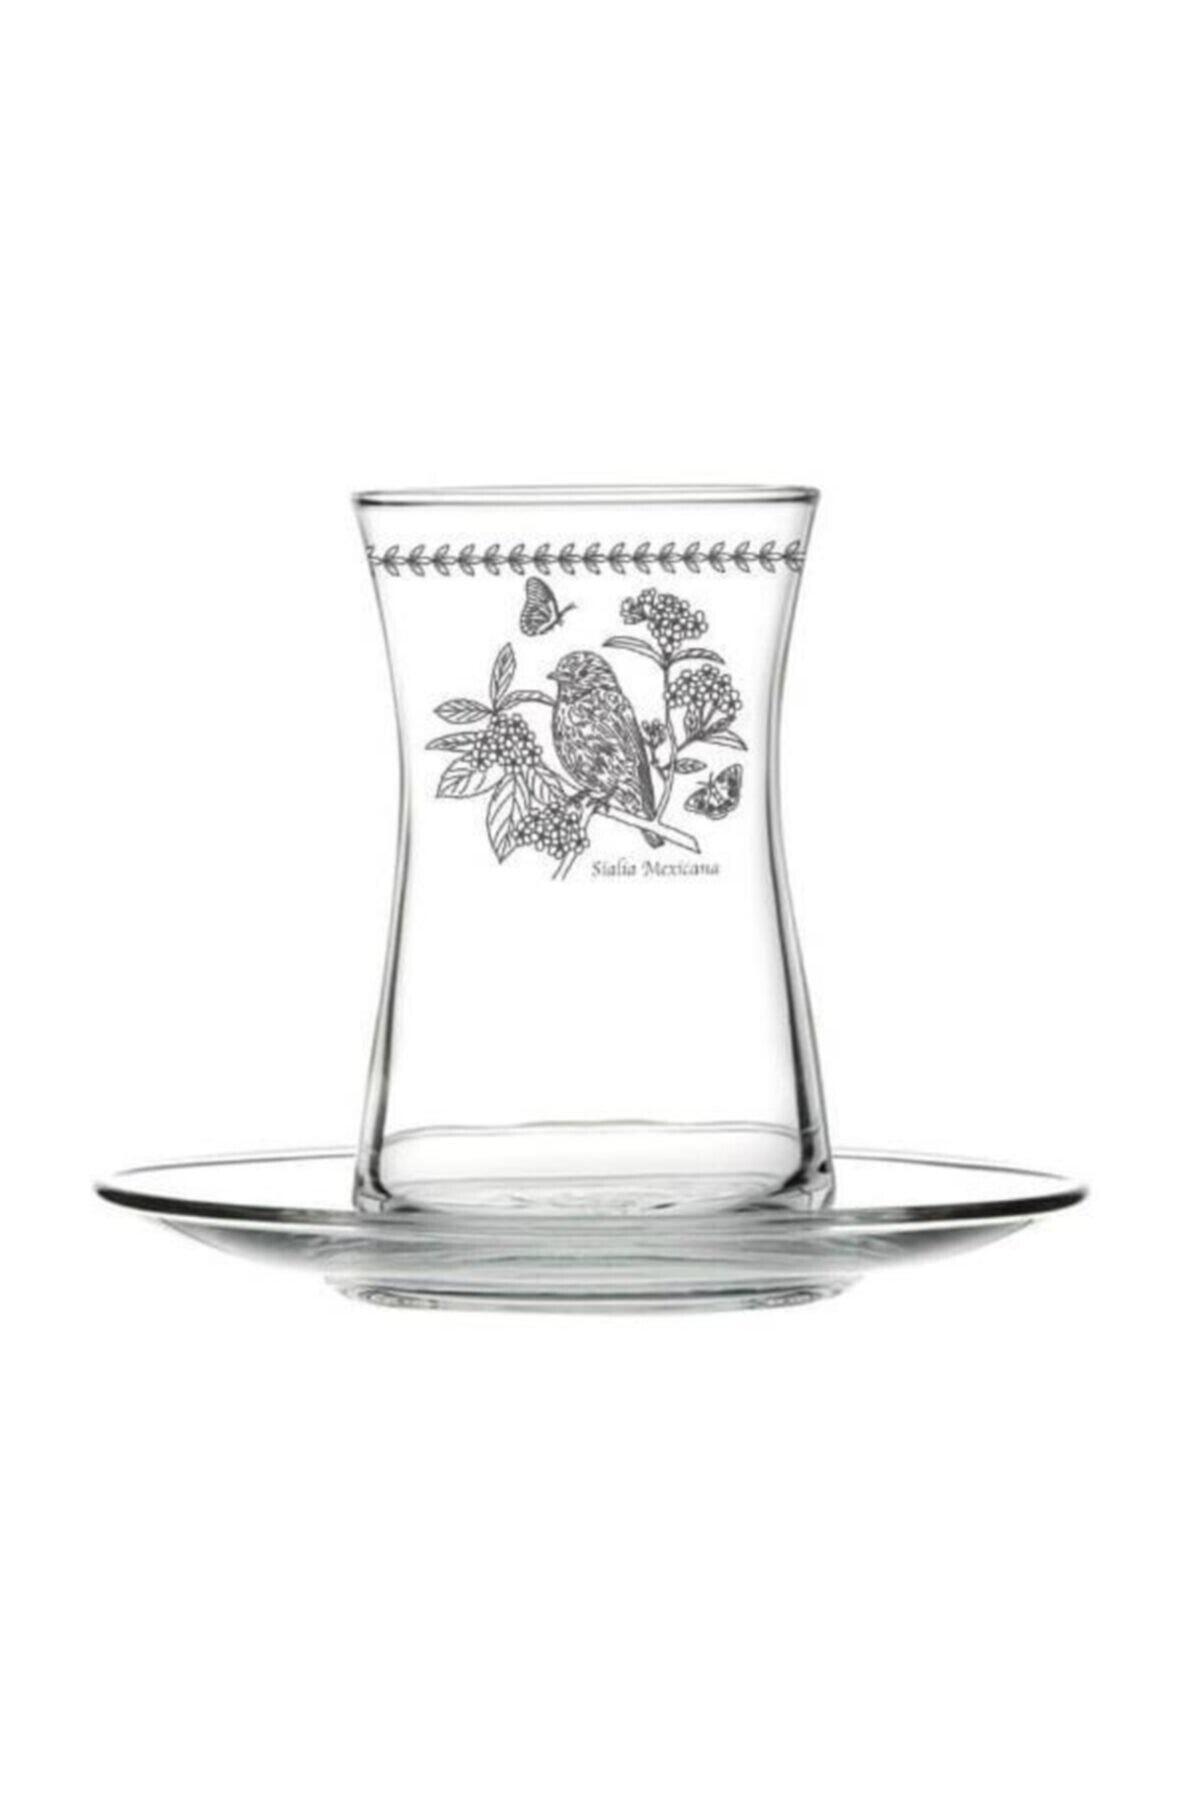 çerçi Bohemia Kuş Desen 6'lı Çay Bardağı Seti Bhm04-k 1